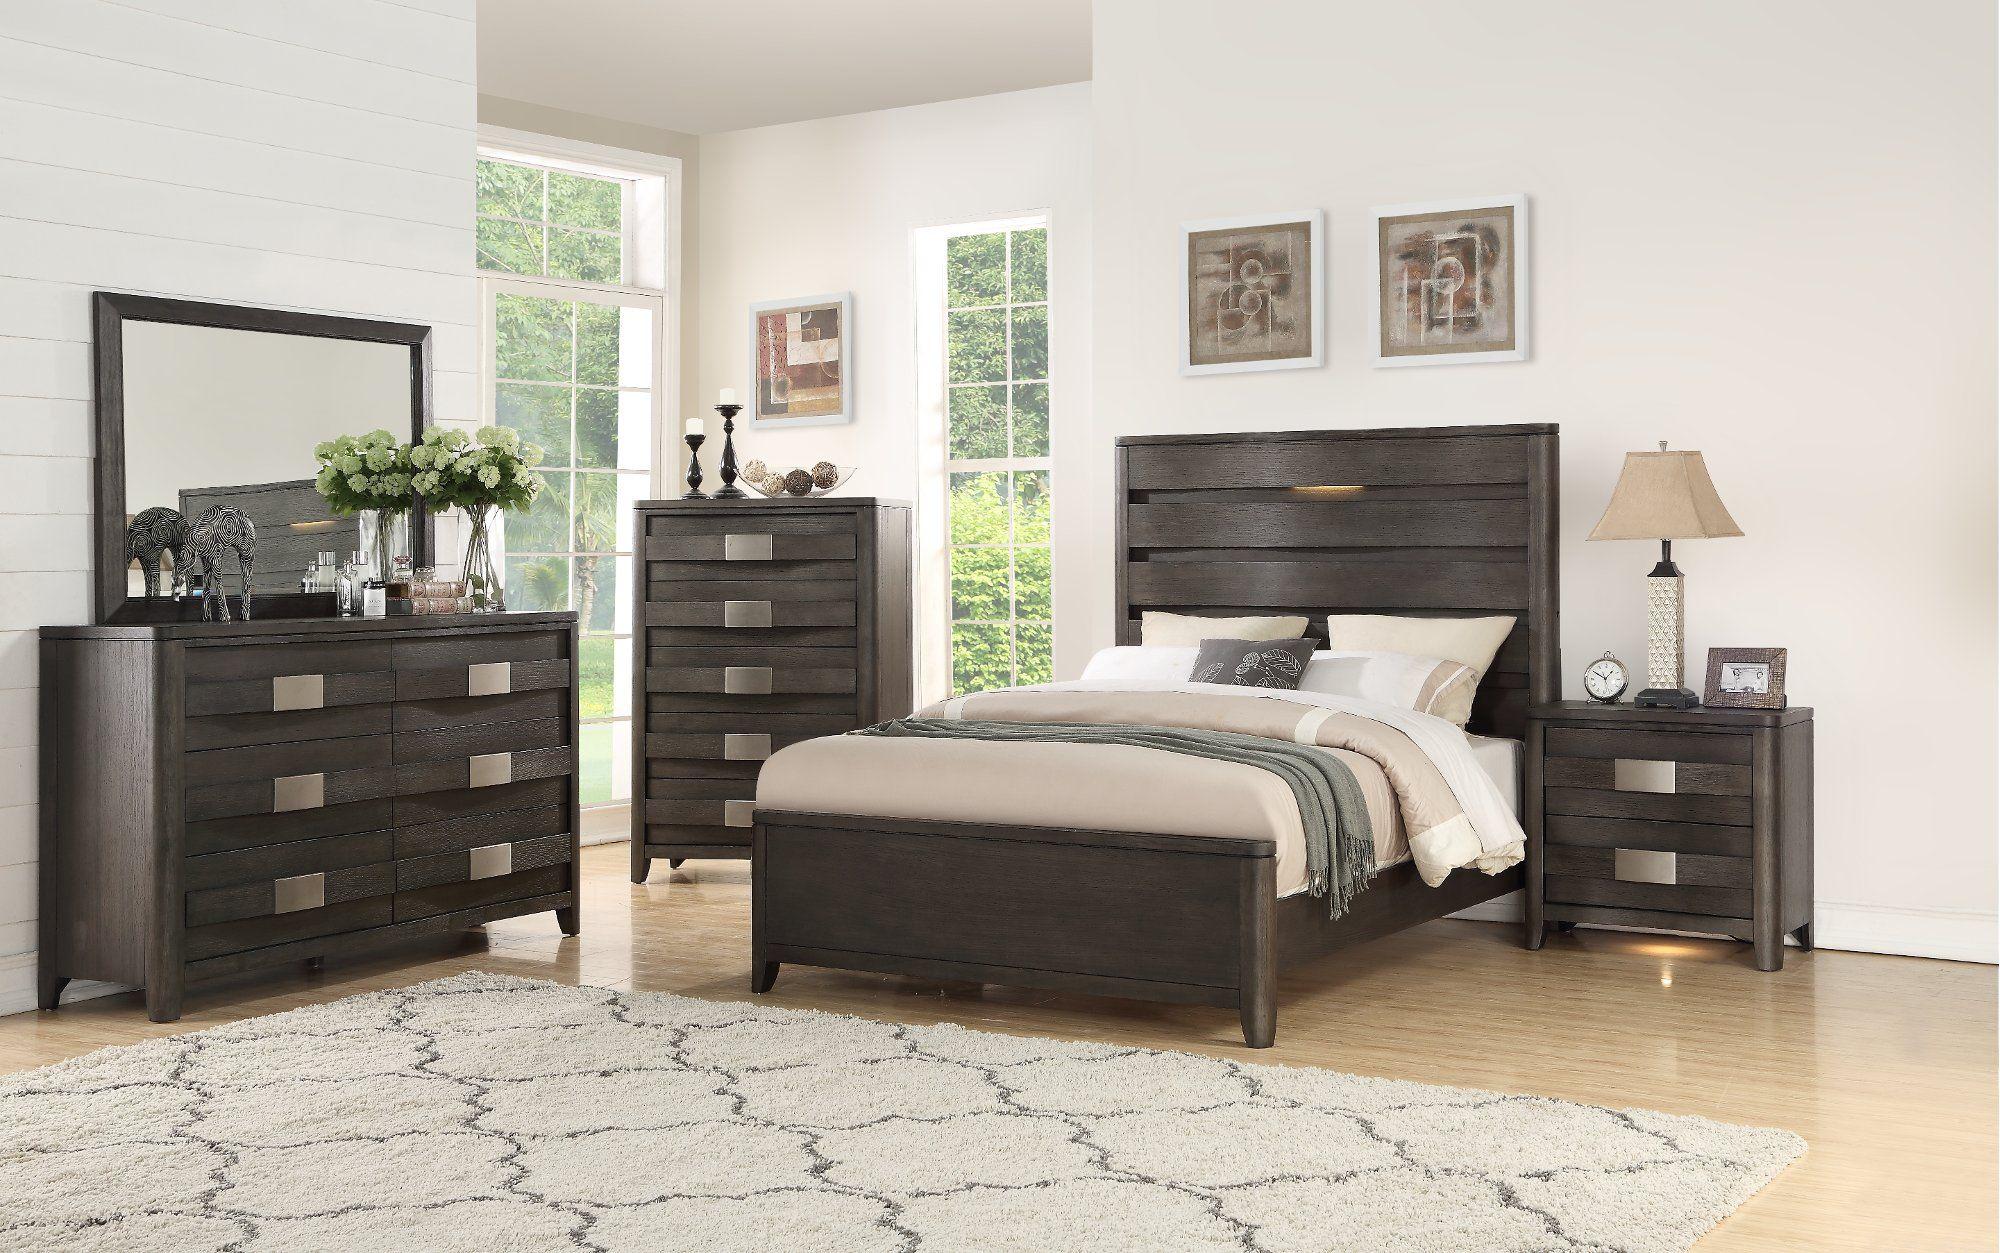 Best Contemporary Dark Gray 4 Piece Queen Bedroom Set Contour 400 x 300